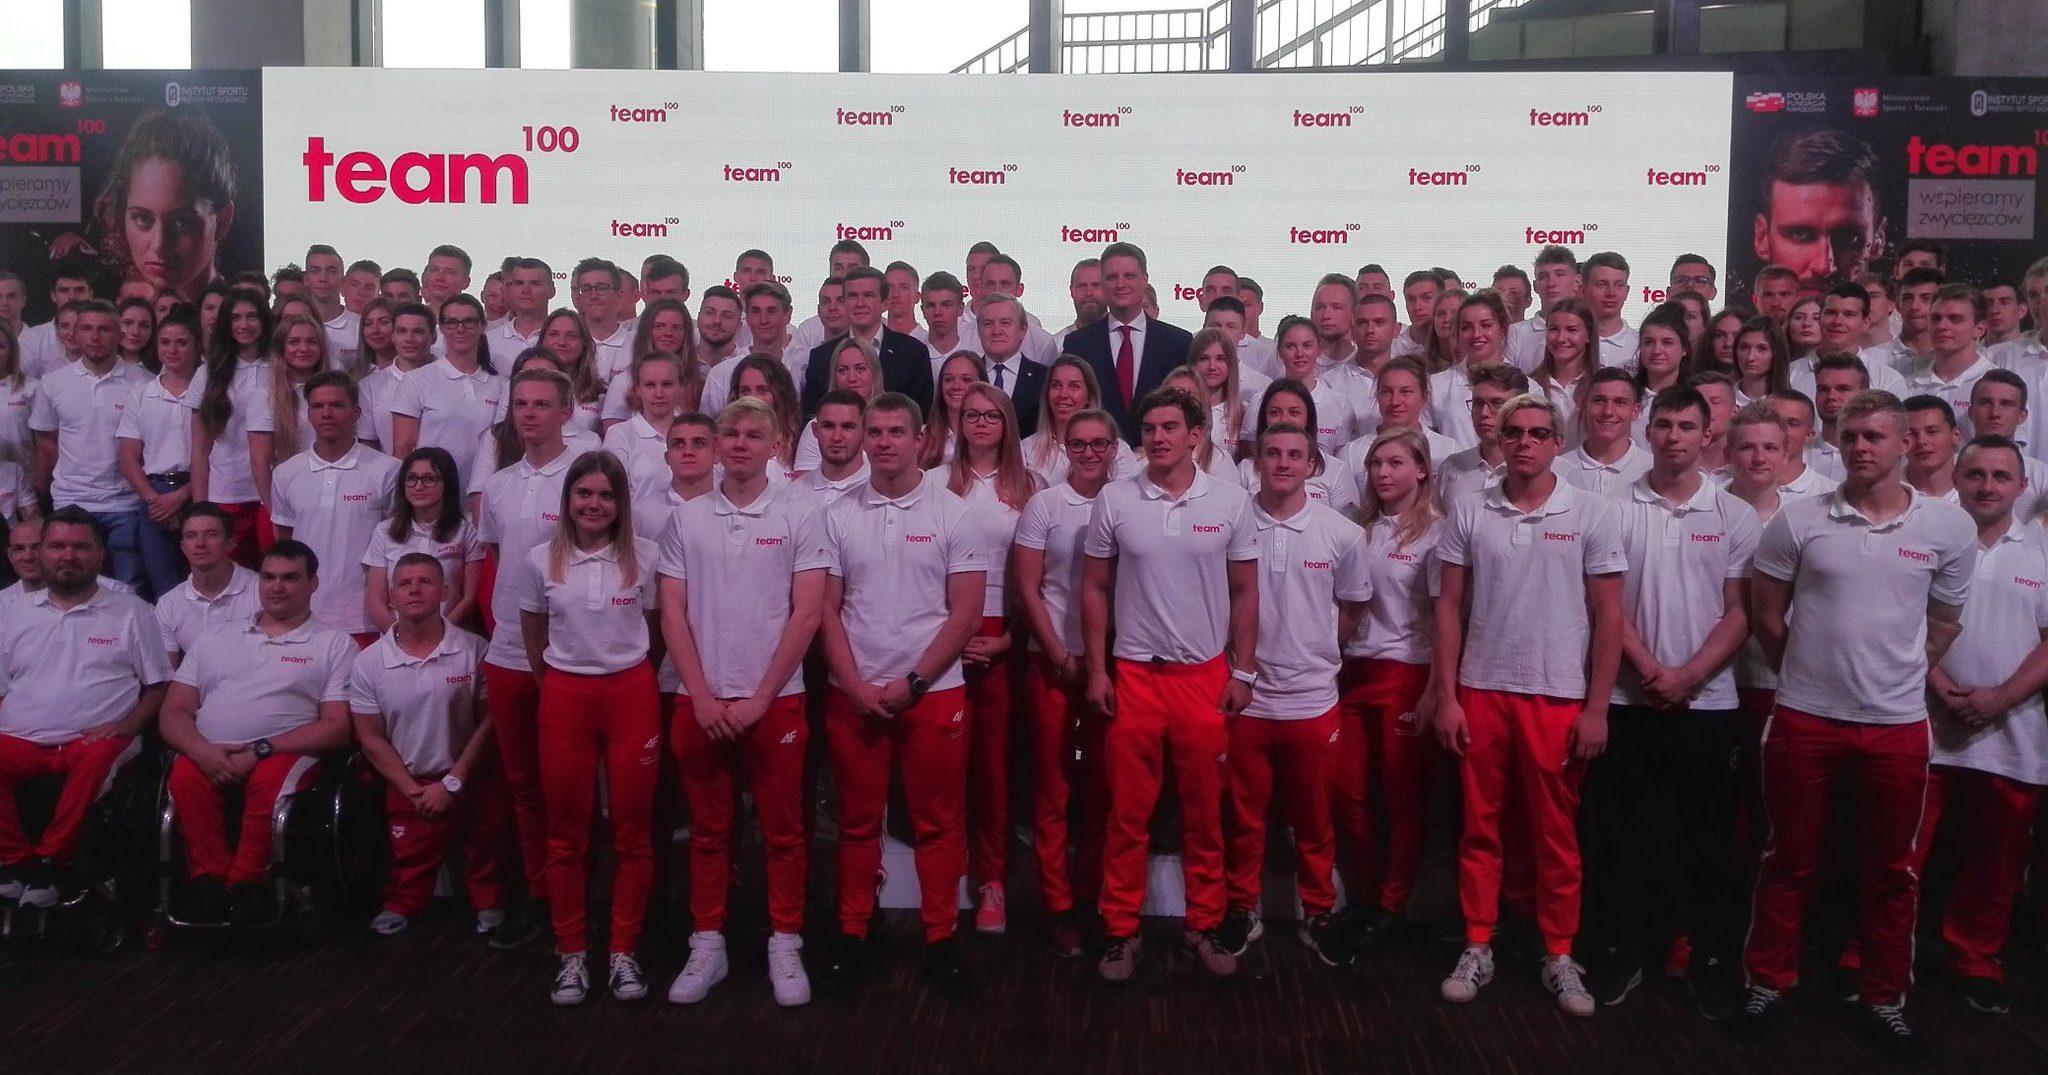 #team100 to już #team250, ale nadal bez kolarzy górskich